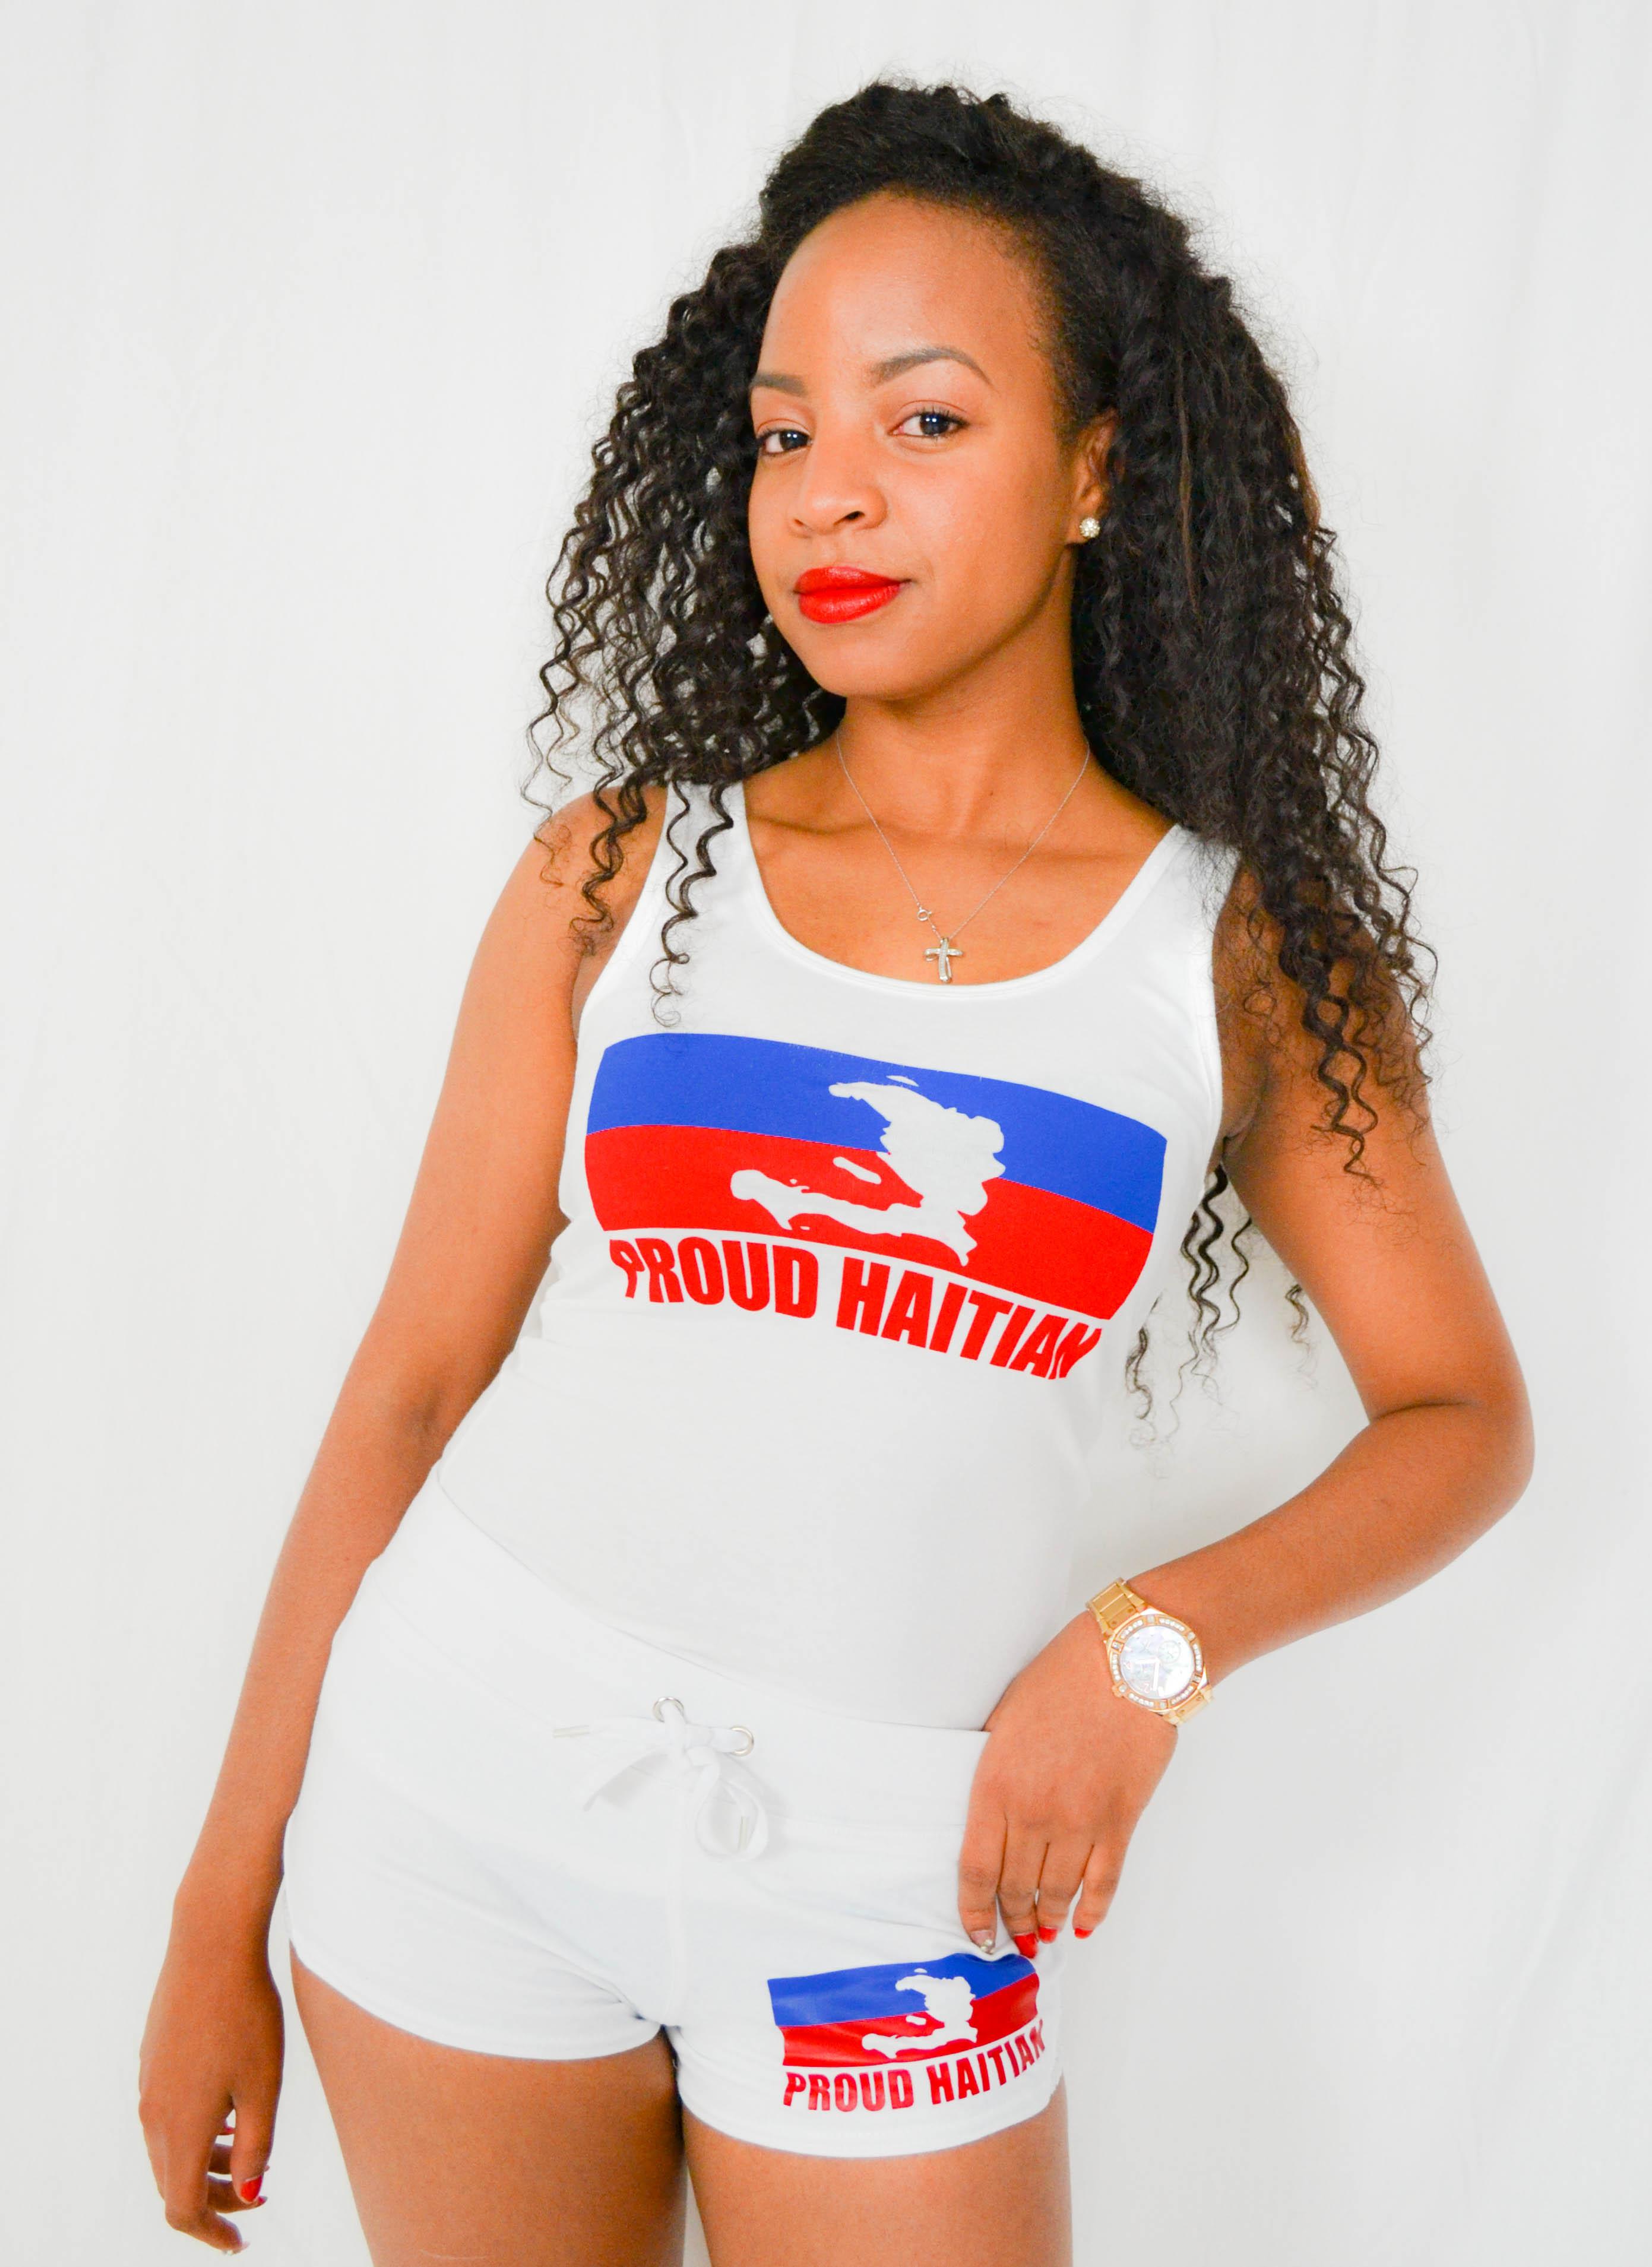 Proud Haitian tank top